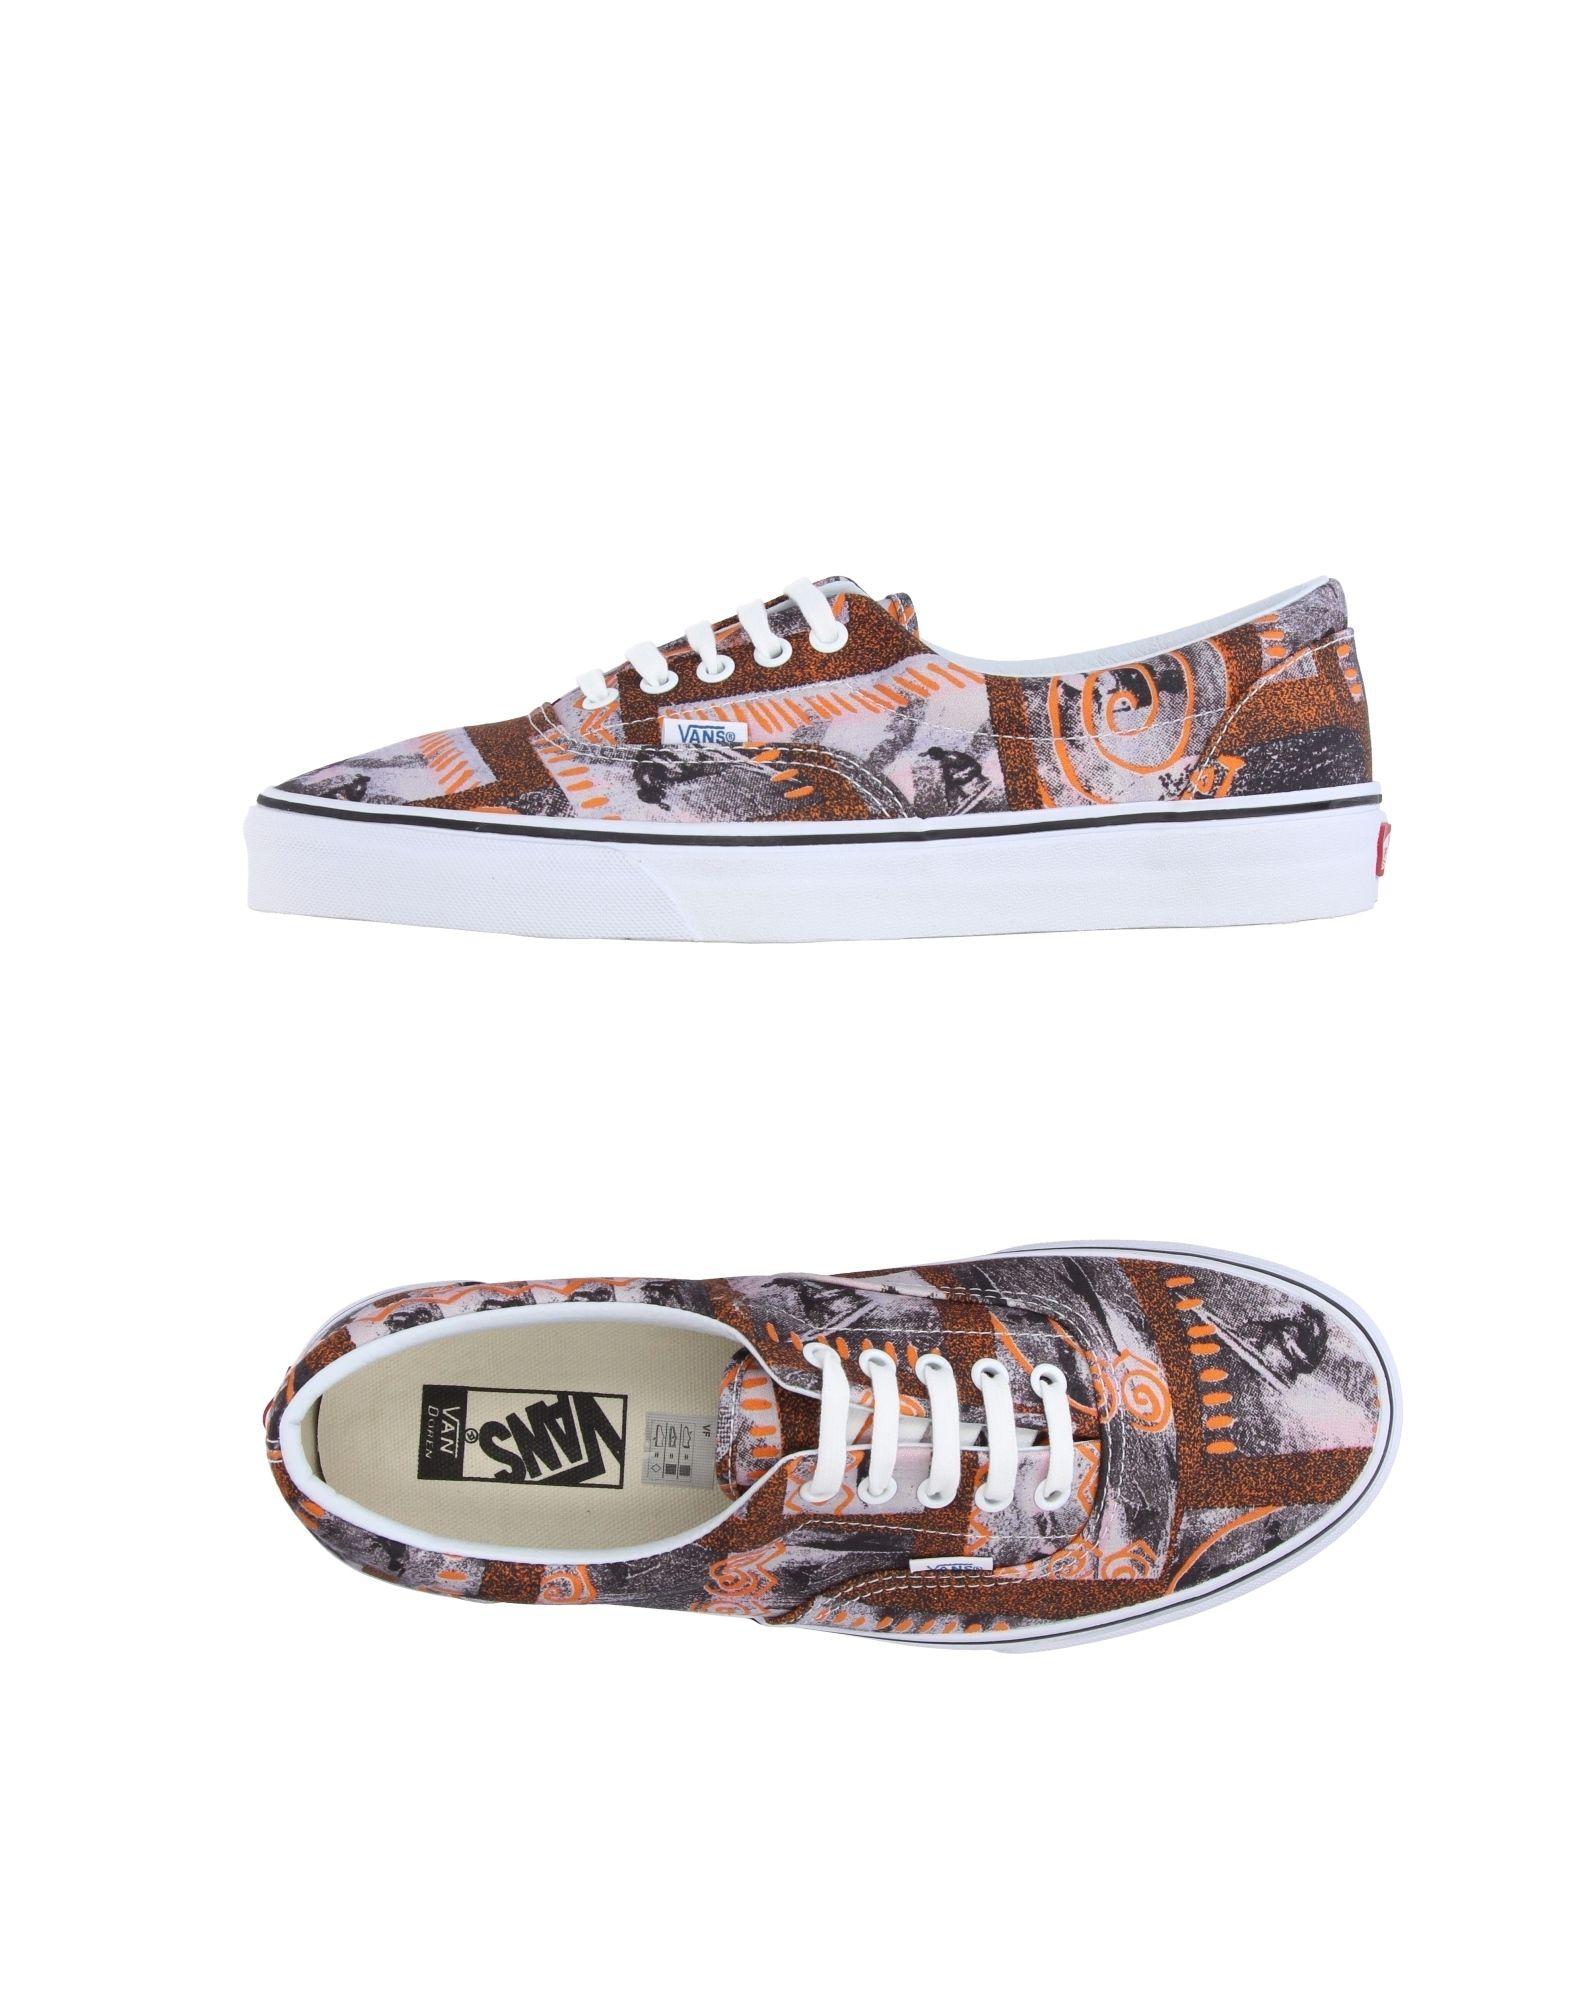 Vans Sneakers Herren Heiße  11213246SI Heiße Herren Schuhe de8c6f